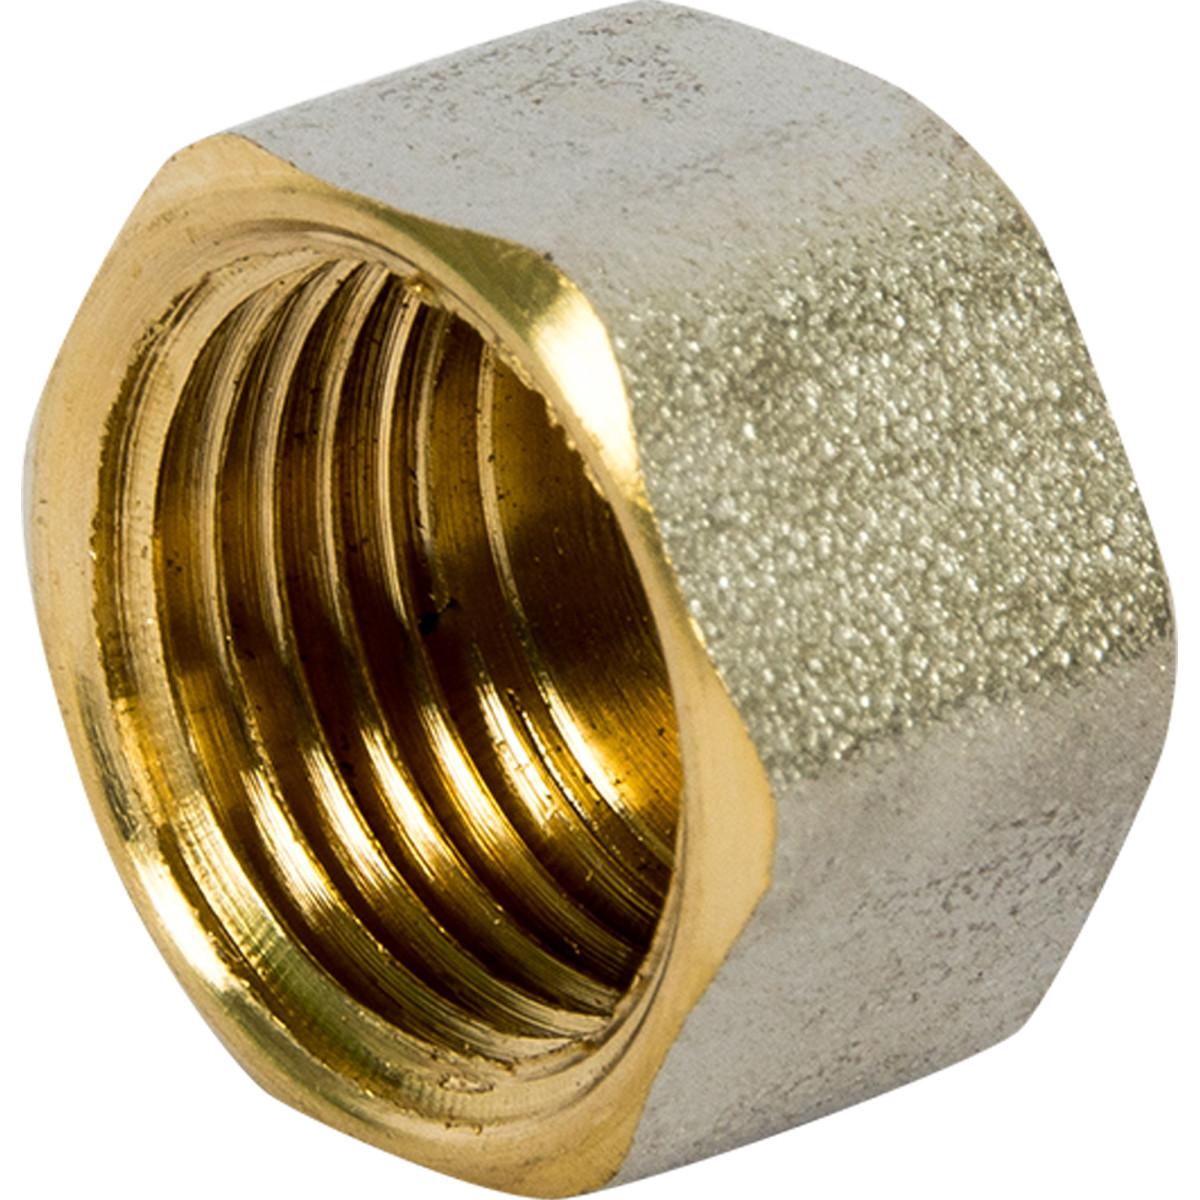 Заглушка внутренняя резьба 1/2 никелерованная латунь